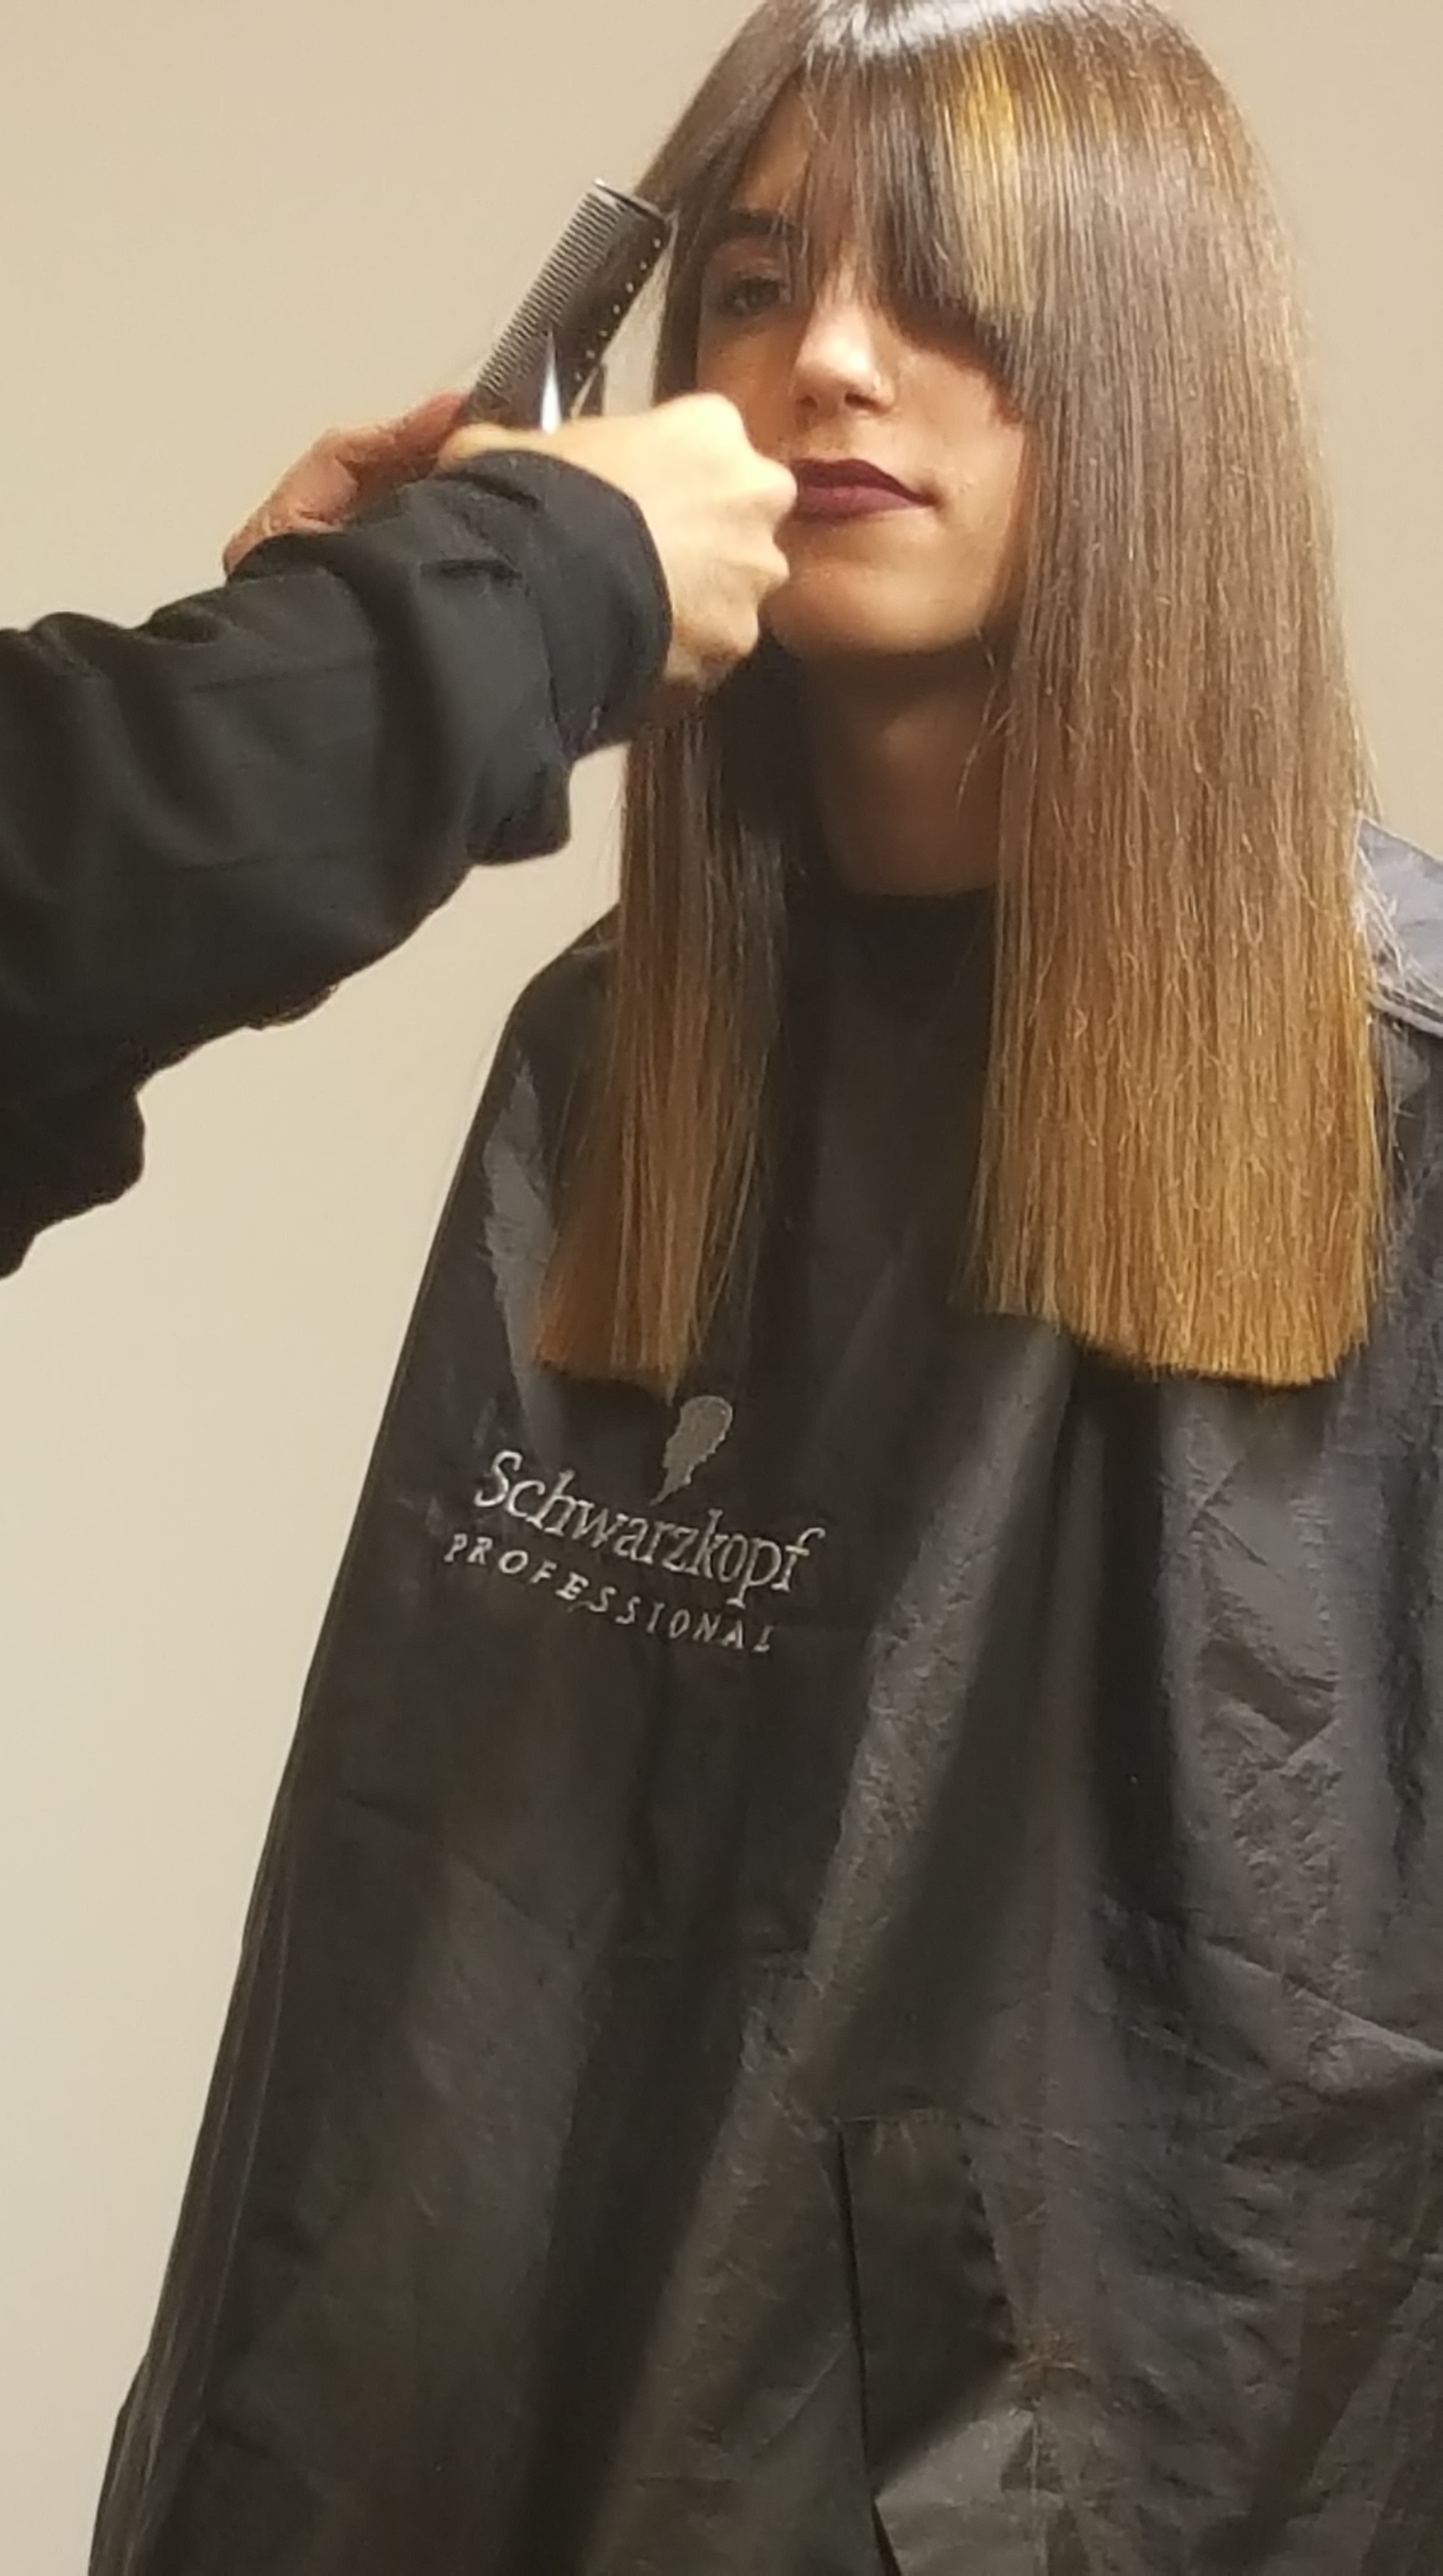 עידן בר מעביר סמינר למעצבי שיער מהרשות הפלסטינית באקדמיה של שוורצקופף פרופשיונל